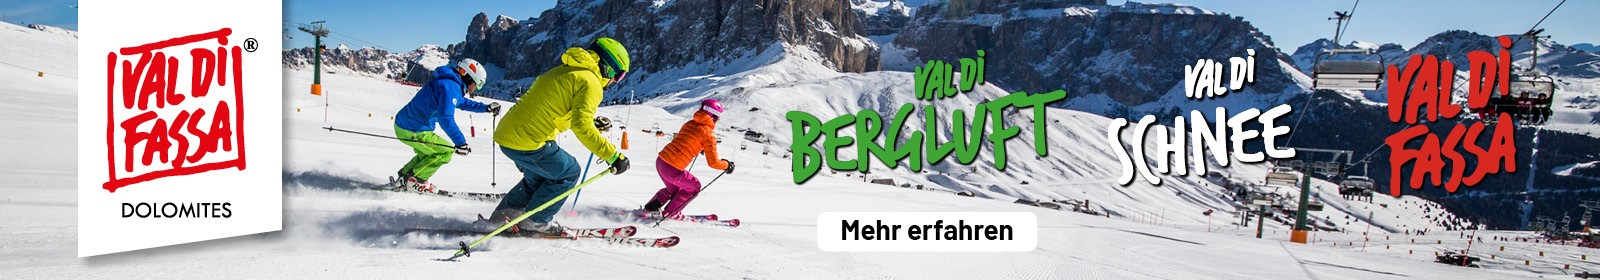 Val di Fassa – Winterurlaub mit Dolce Vita